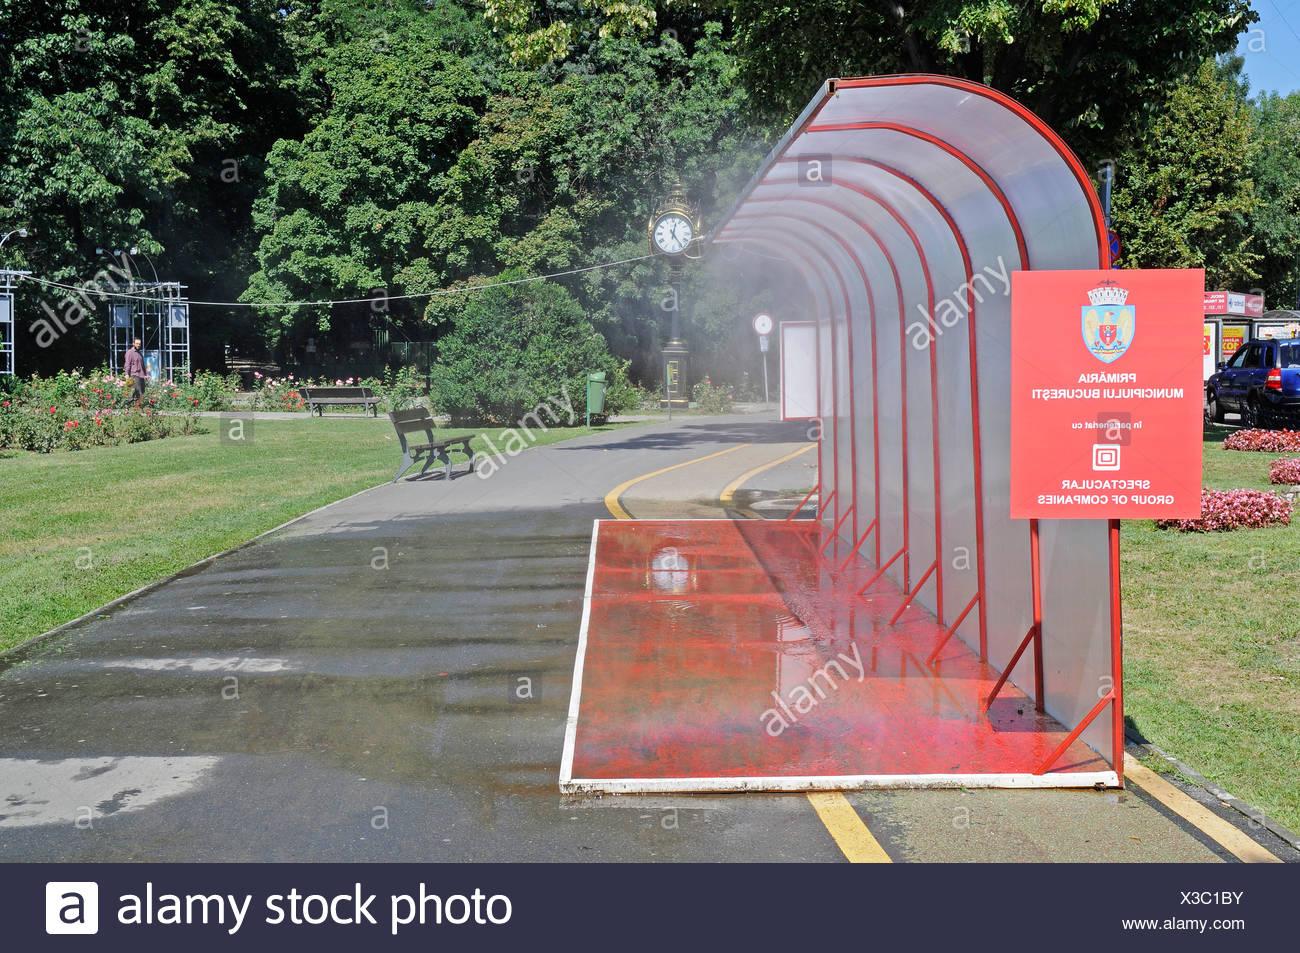 Système d'arrosage de l'eau publique, le temps chaud, l'eau, circuit de refroidissement, l'été, Bucarest, Roumanie, Europe orientale, Europe, PublicGround Photo Stock